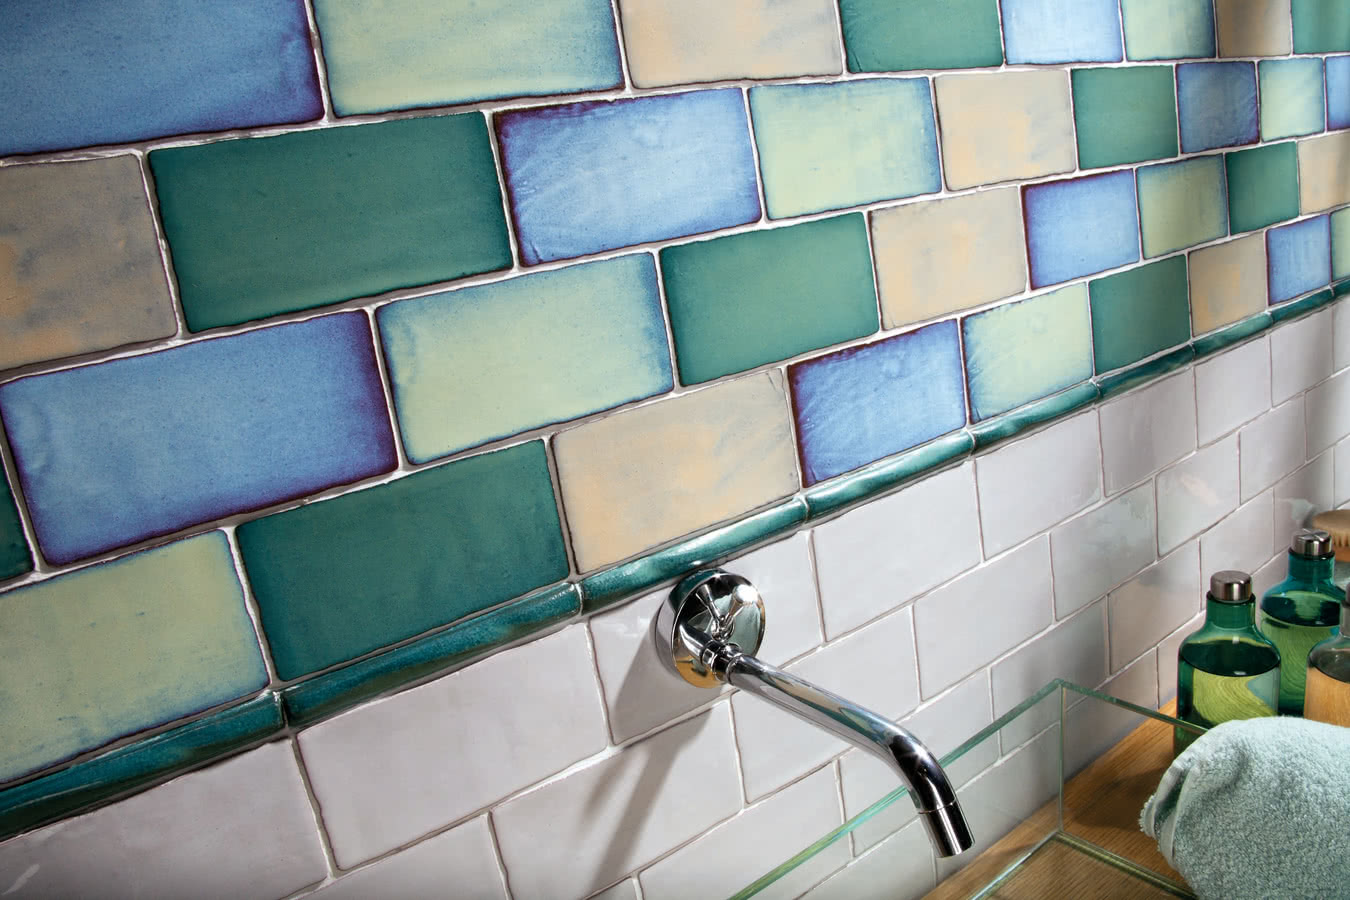 Отделка ванной комнаты плиткой (фото) – дизайн ванной облицованной кафелем